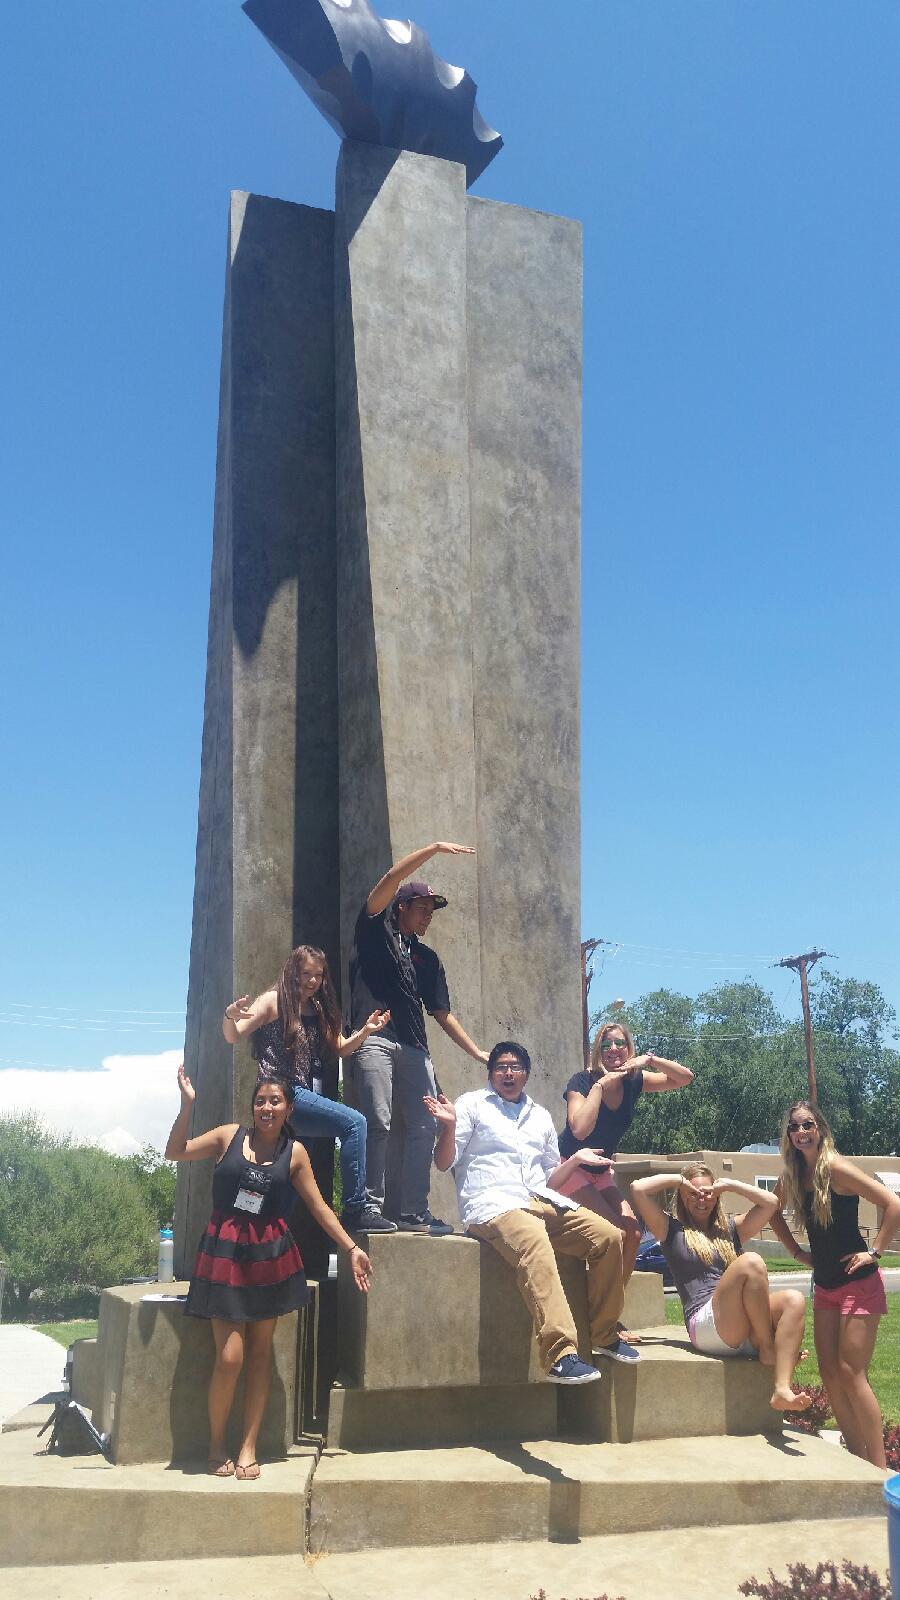 Étudiants posant à la base de la sculpture.